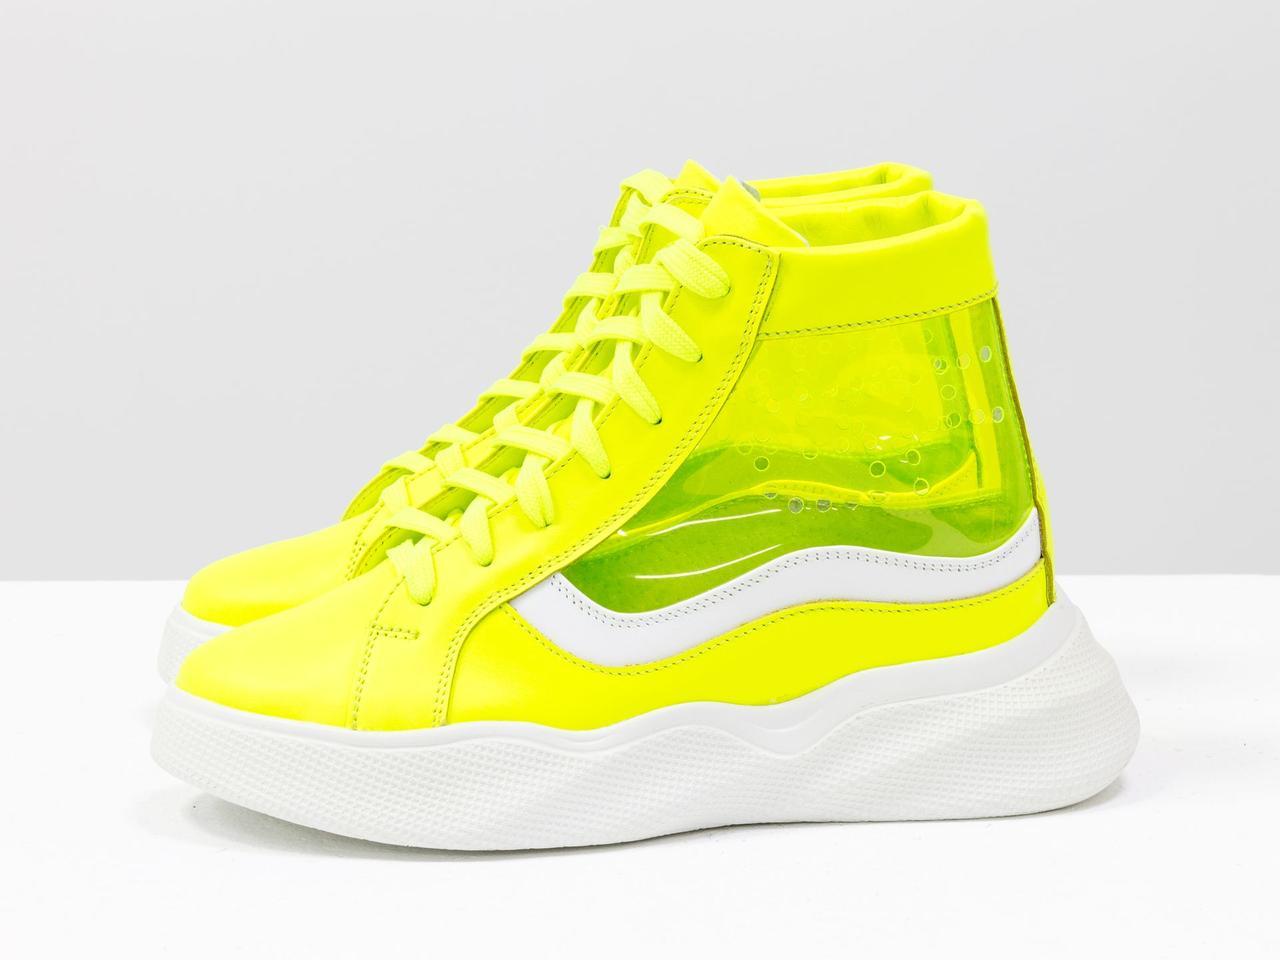 Дизайнерские прозрачные ботинки из натуральной неоновой кожи желтого и белого цвета - фото 4